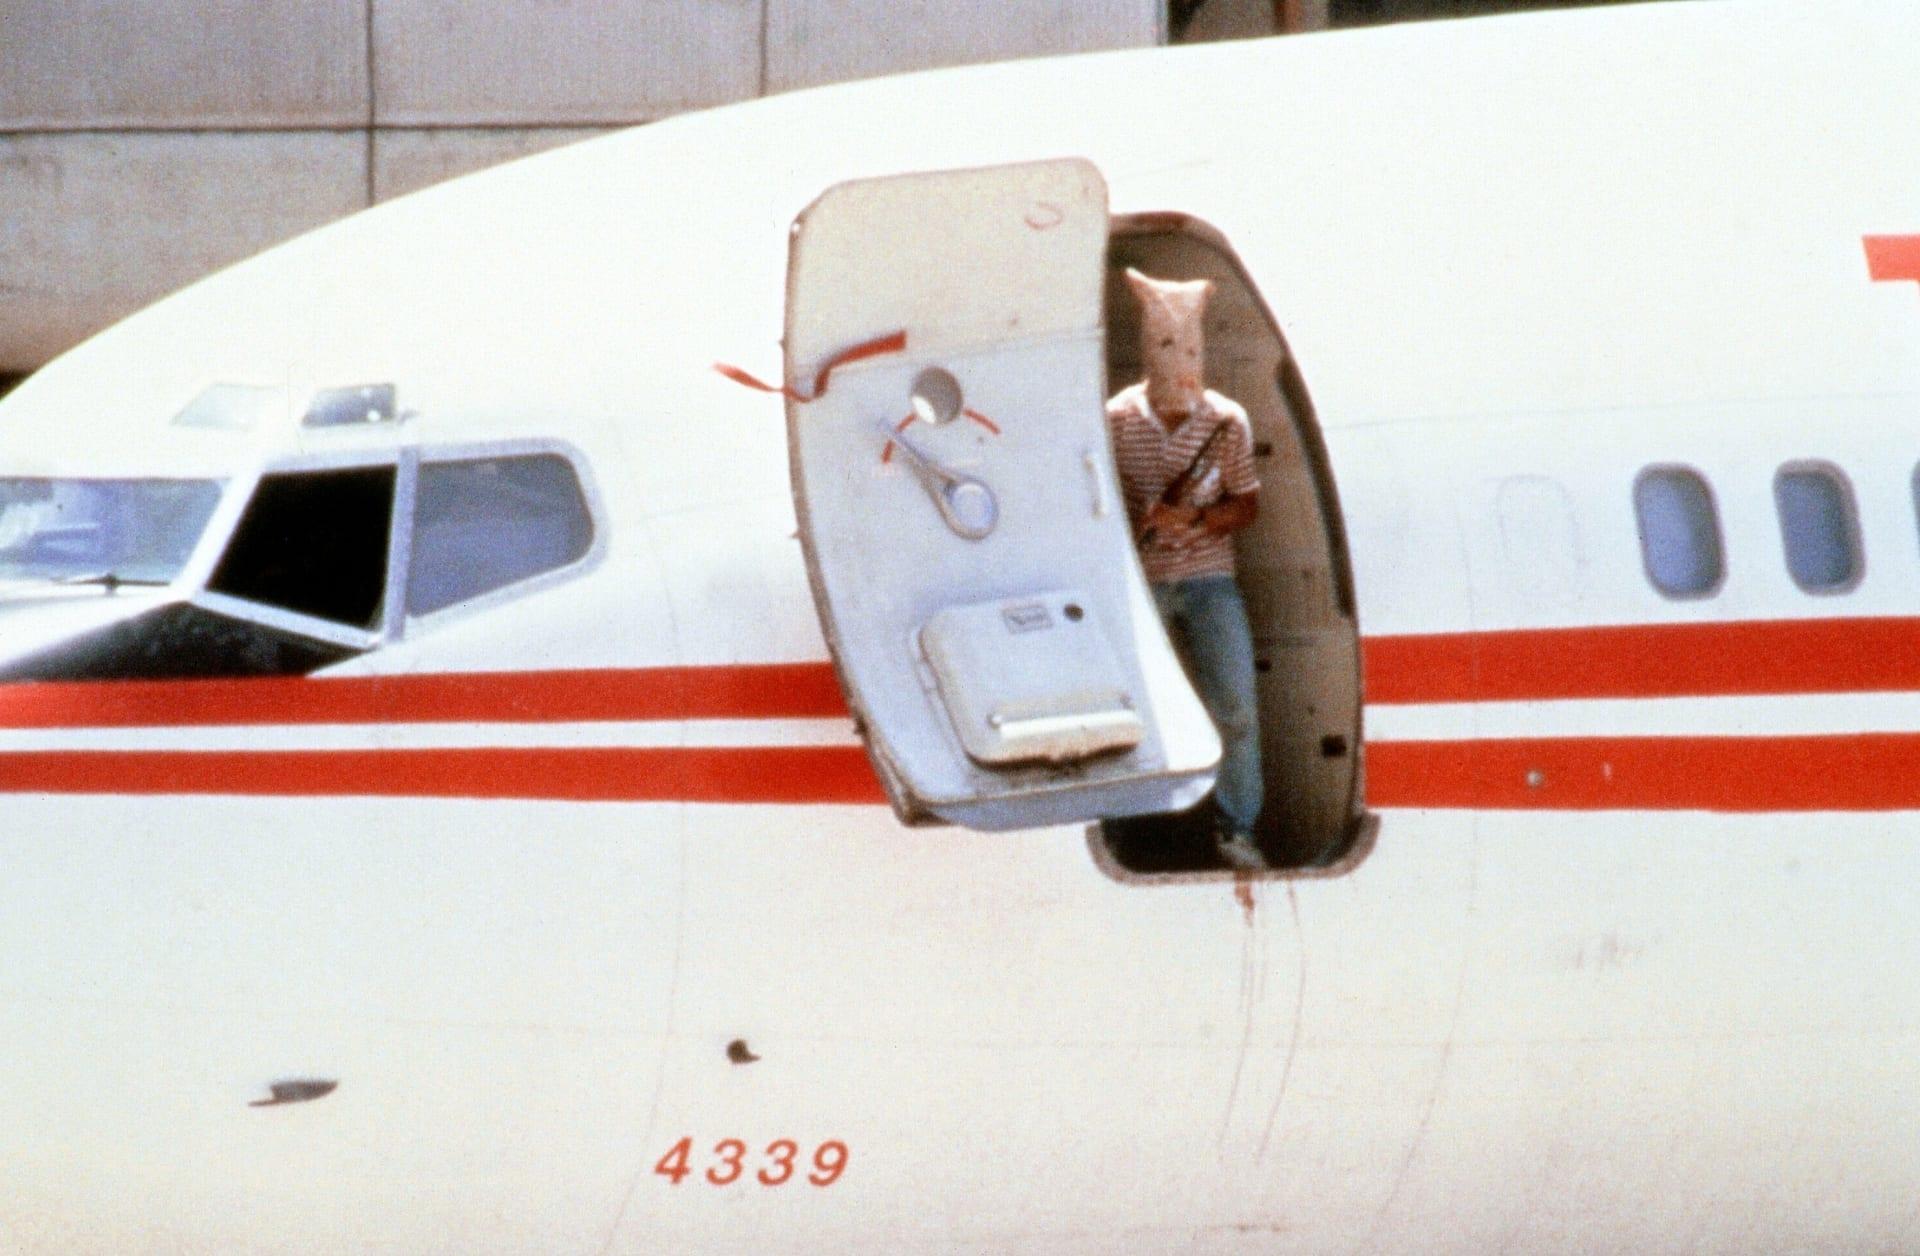 خارجية لبنان تكشف اسم المتهم بخطف طائرة TWA العام 1985